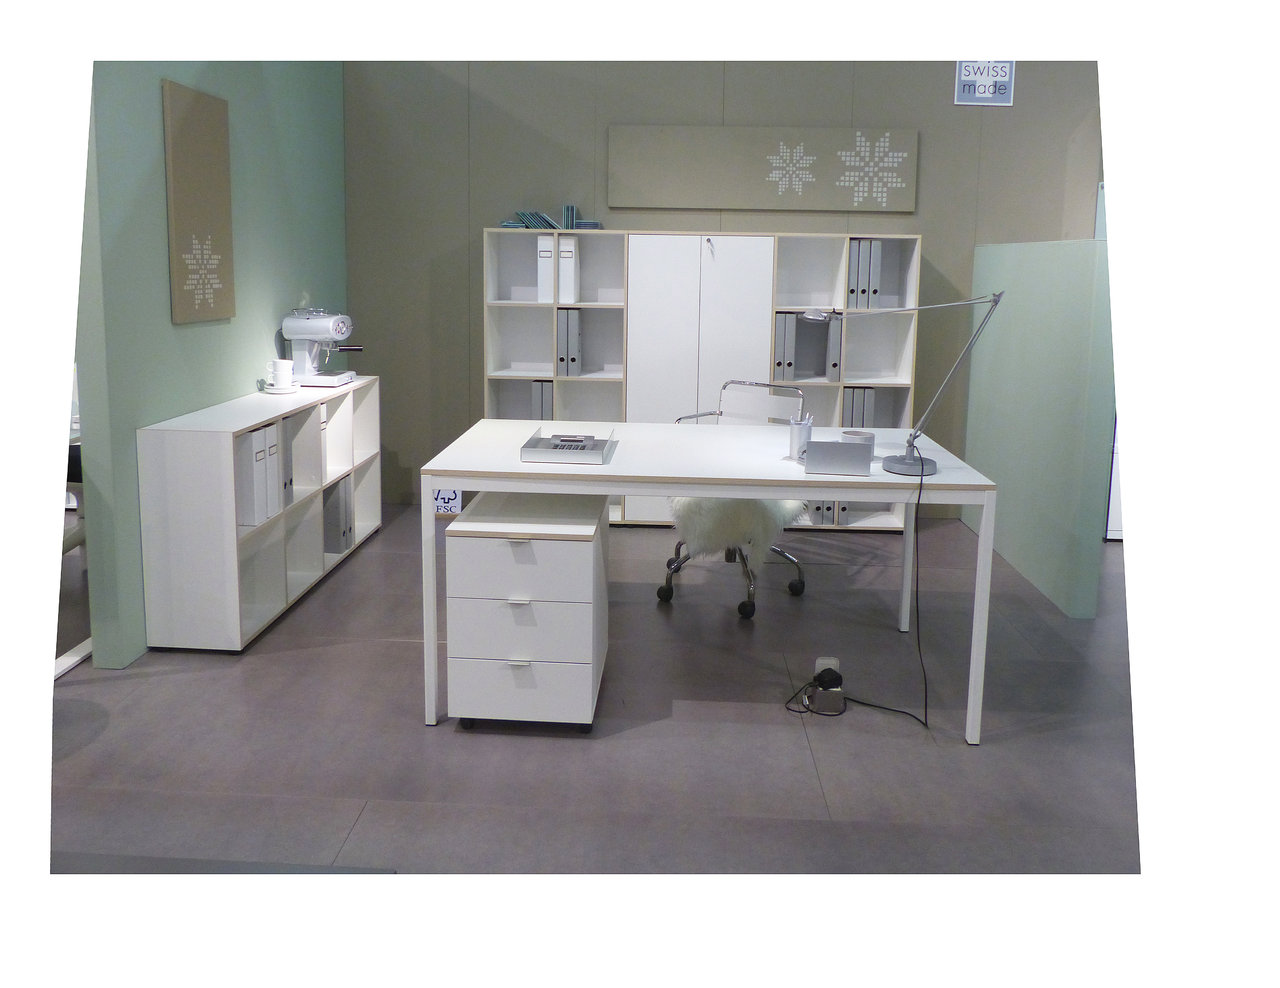 Reinhard eco schreibtisch 130 68 art office shop for Schreibtisch 130